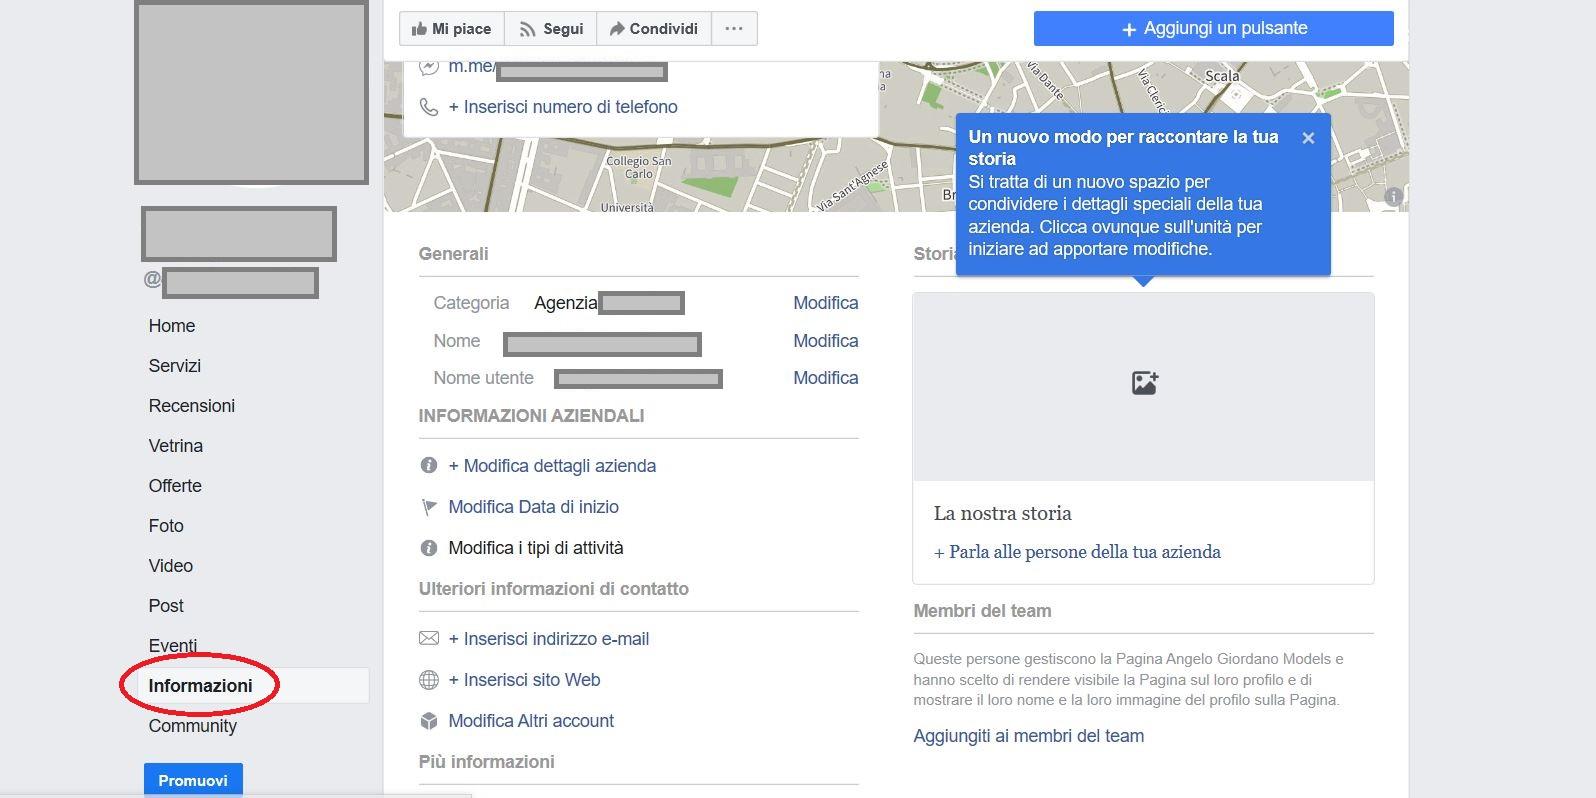 Aggiungere servizi alla pagina Facebook